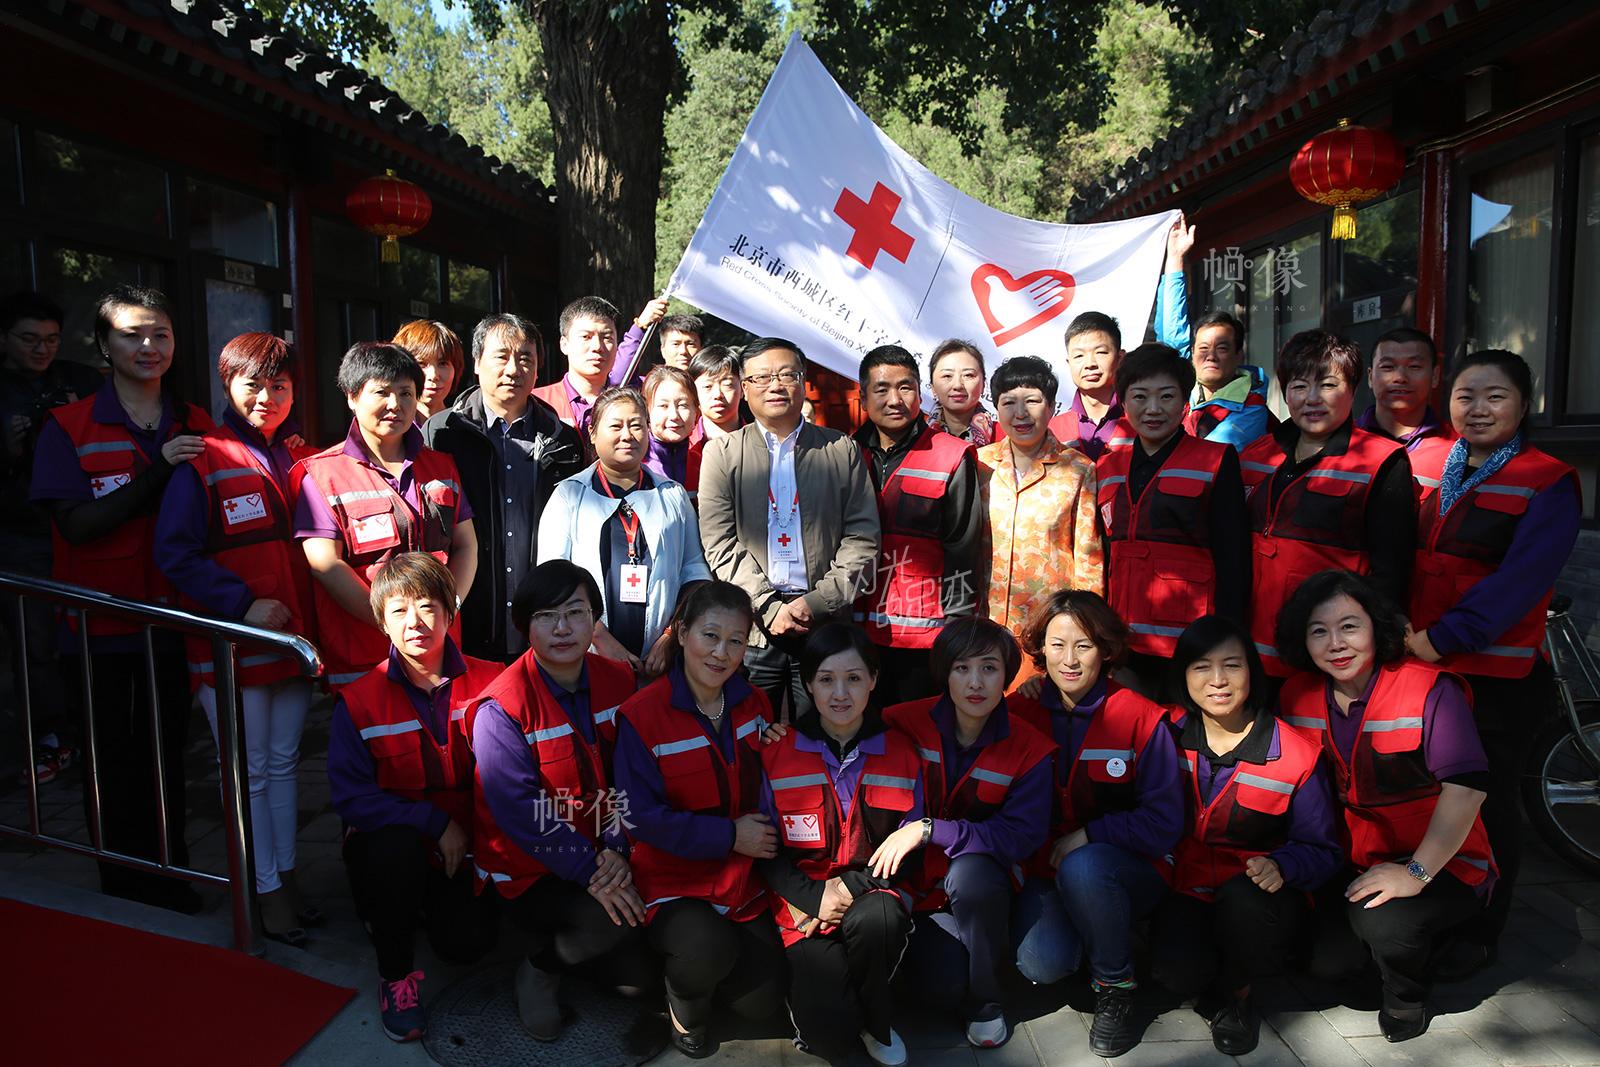 2016年重阳节北京市西城区红十字会去金秋园敬老院慰问老人。(北京市西城区红十字会供图)